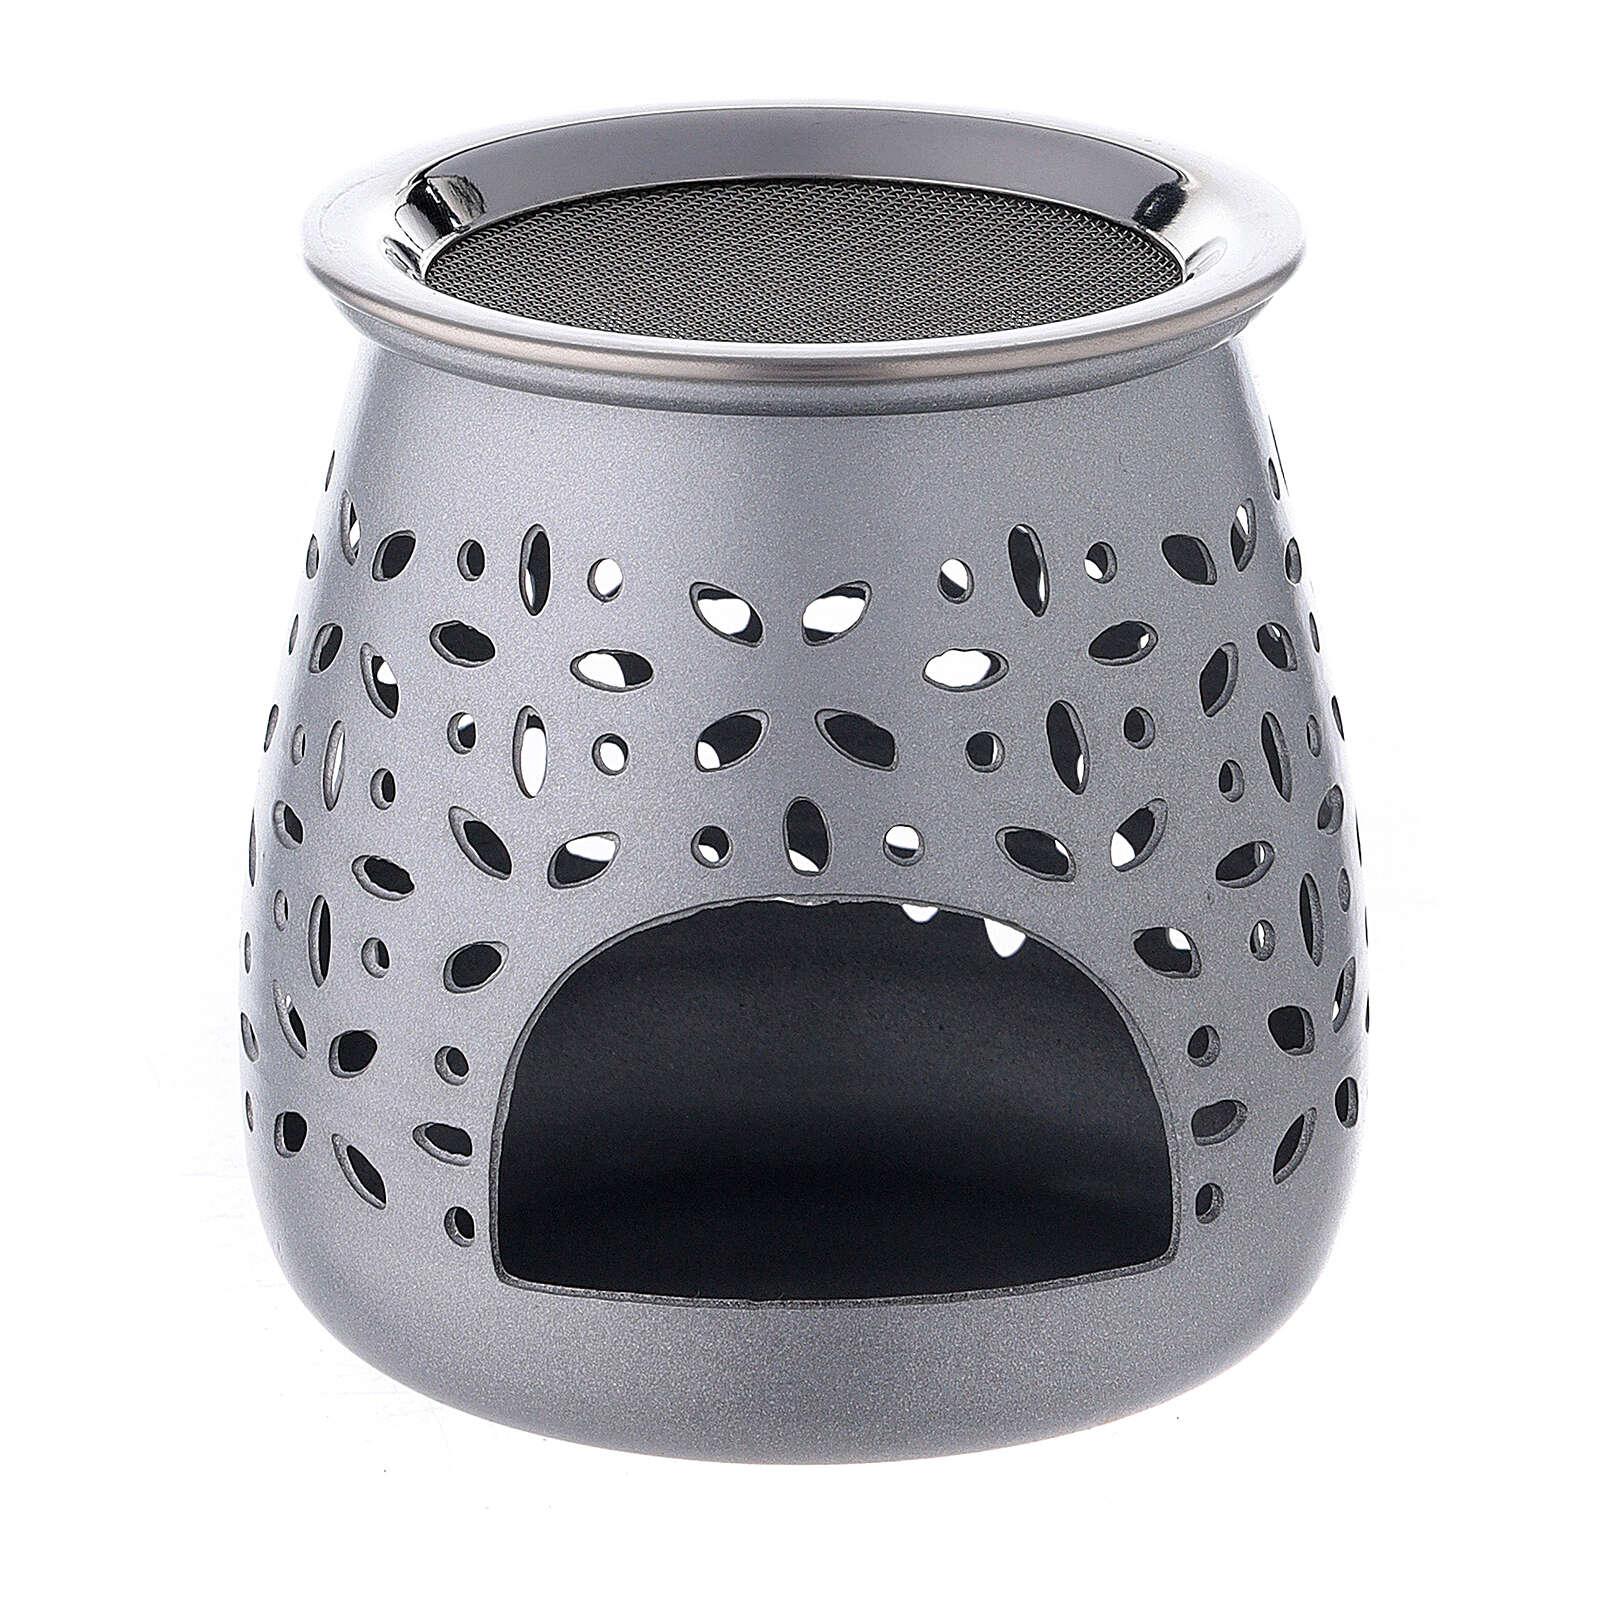 Kadzielniczka aluminium satynowane 8 cm otwory 3